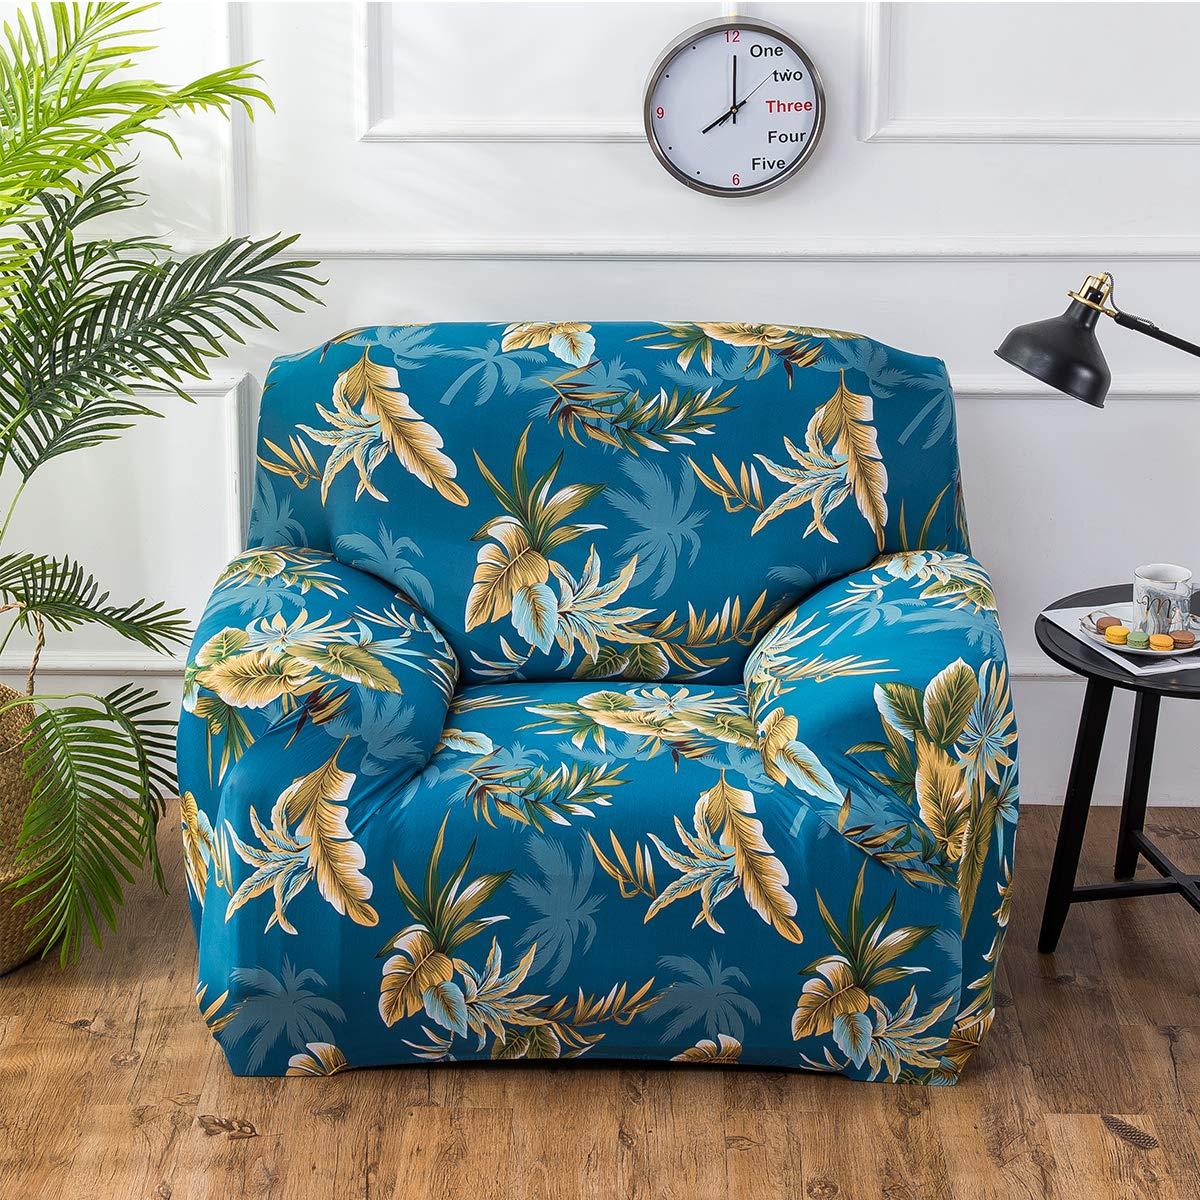 Fashion/·LIFE Housse de Canap/é 1 Place Fauteuil Couvre Sofa Fauteuil en Polyester Sofa Housse Couvertures et Protecteur de Sofa Extensible Elastique Doux Meubles,Bleu Clair